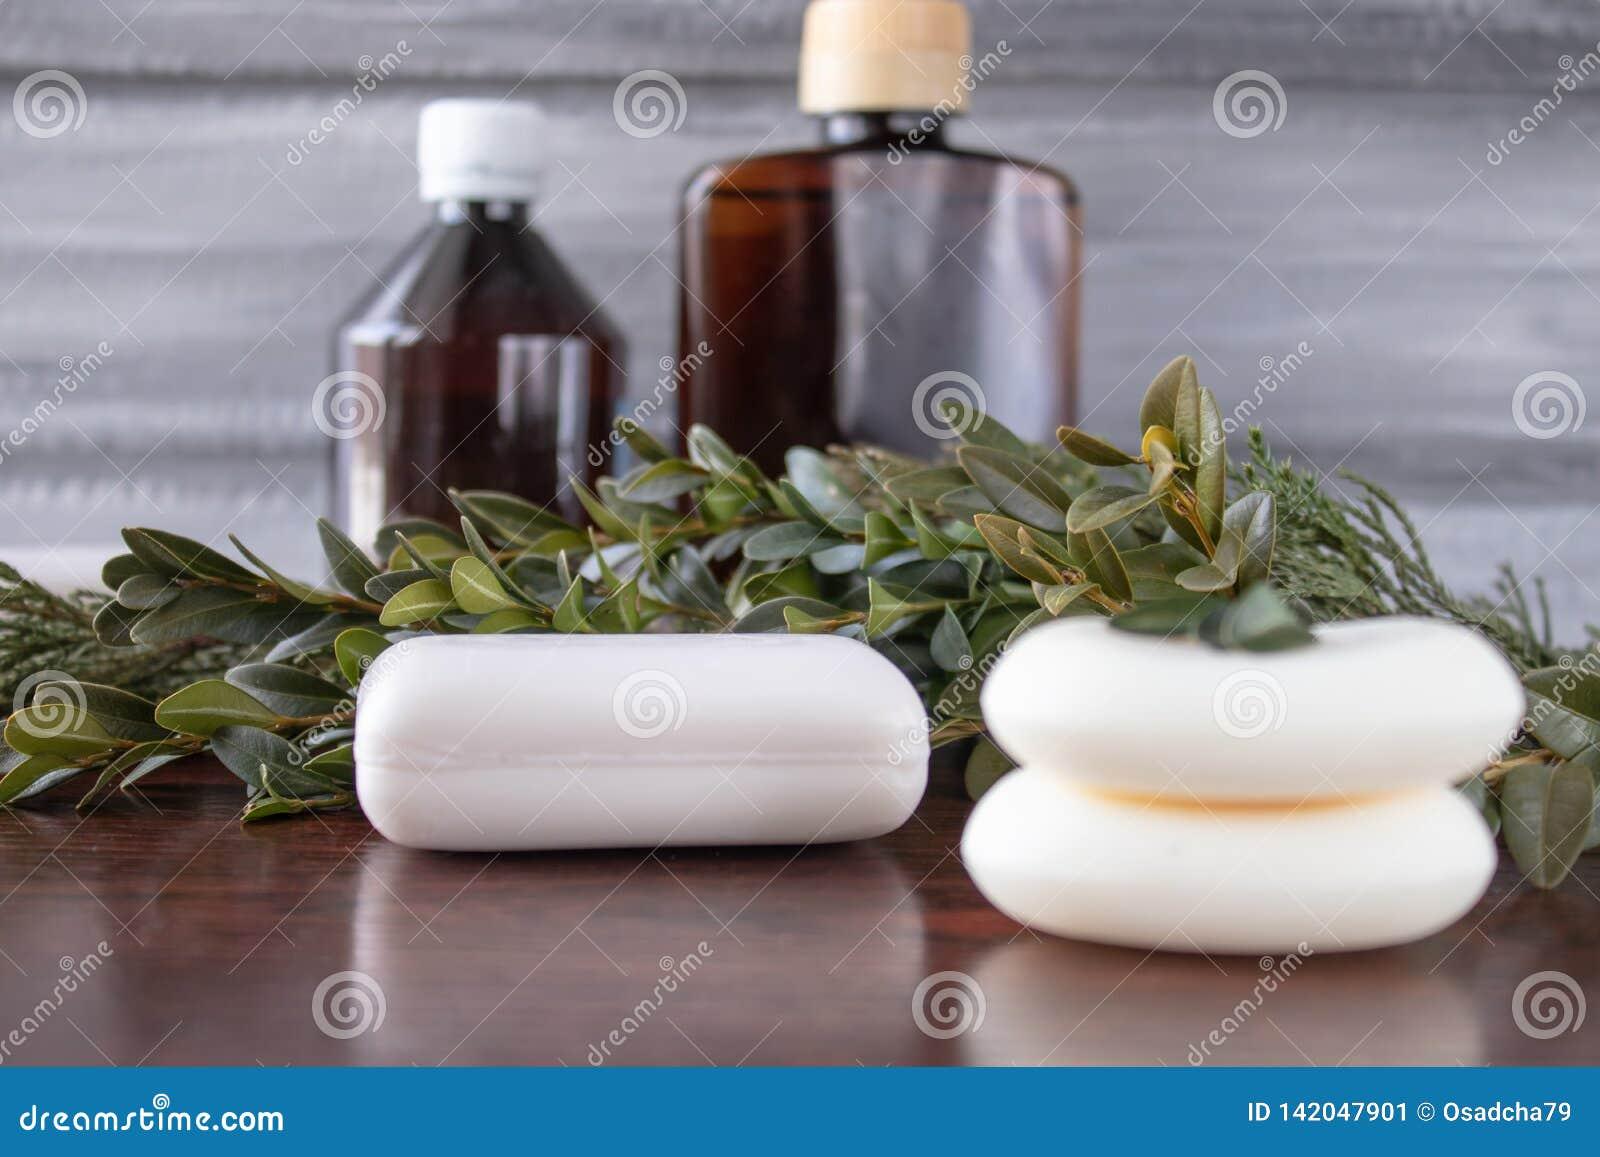 Kosmetische zeep, blikken etherische olie op een grijze achtergrond